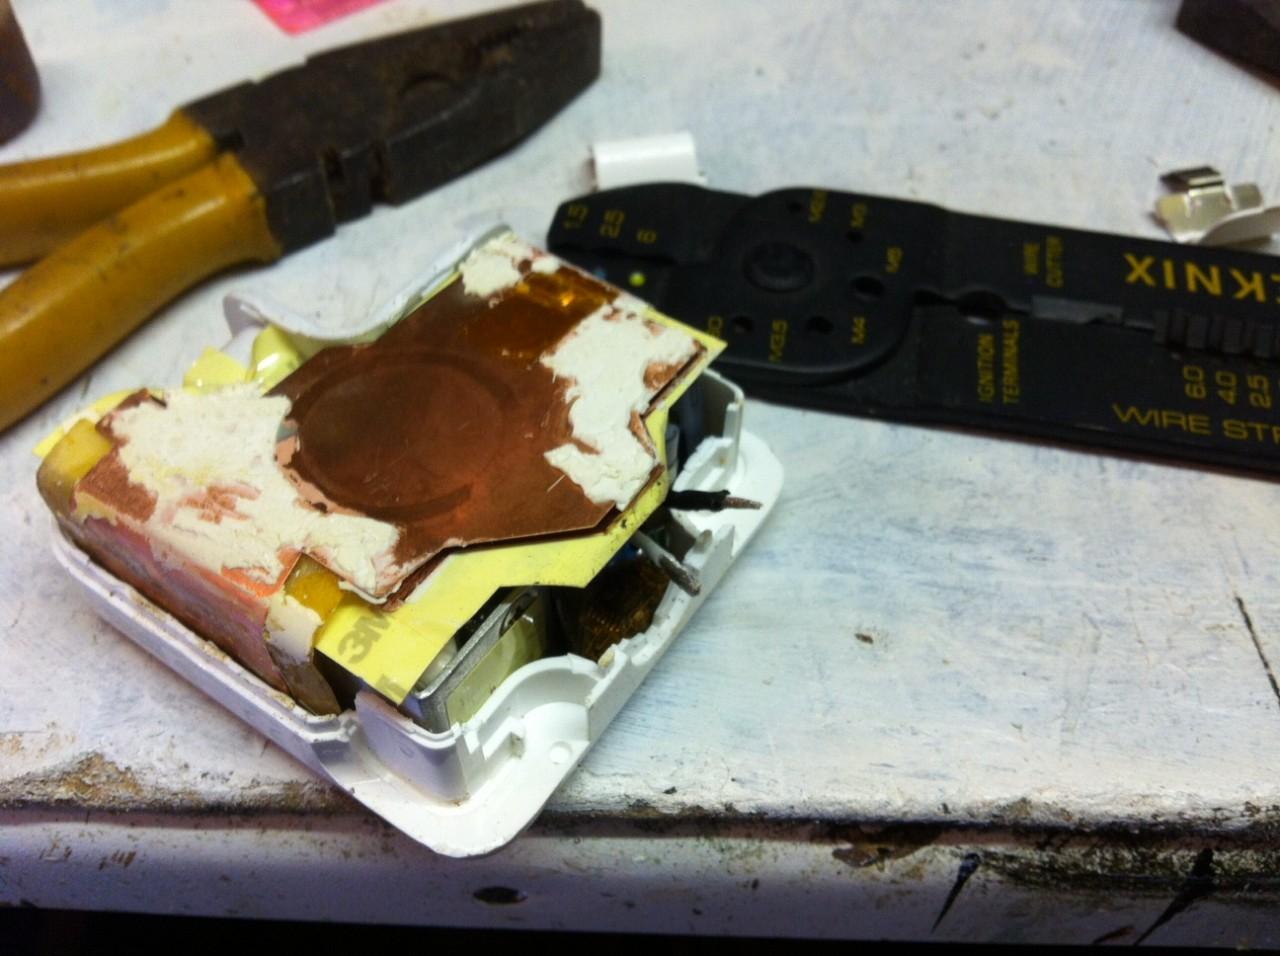 Repair Macbook Air Power Cable